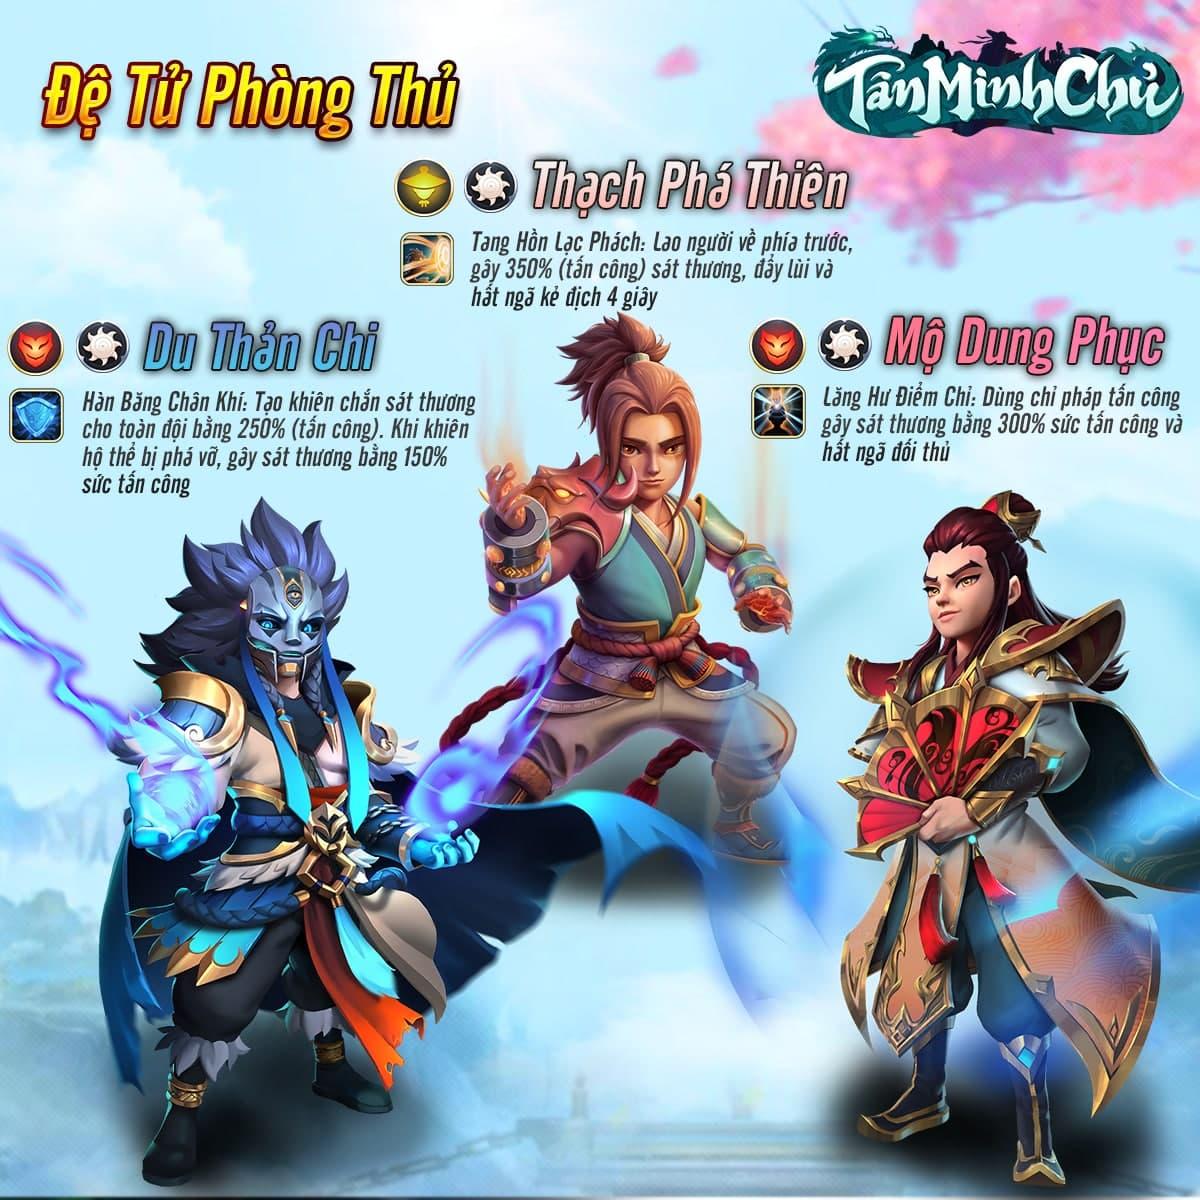 Thọc sâu vào siêu phẩm Kim Dung - Tân Minh Chủ của Hiker Games: TOP đầu dòng chiến thuật nhờ 7 thứ độc nhất - Ảnh 2.